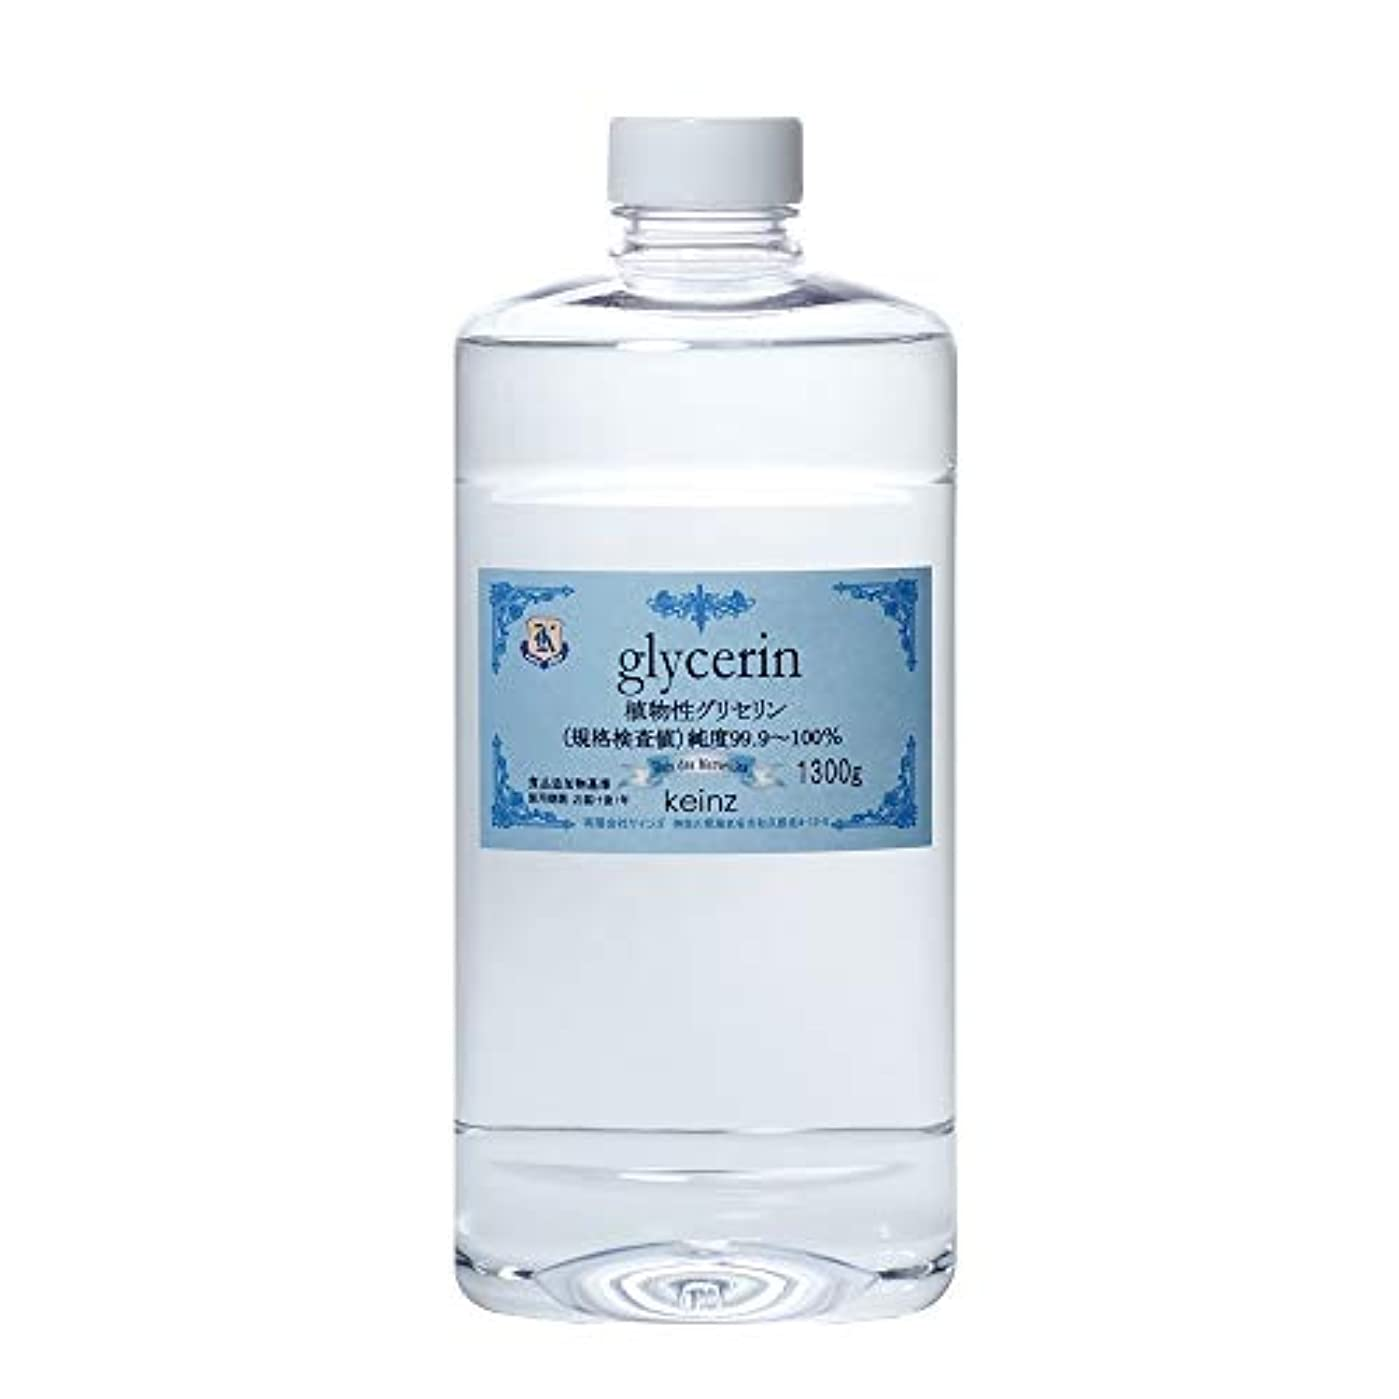 金銭的有効緩むkeinz 品質の良いグリセリン 植物性 1300g (1250g+50g増量) 容器が角型に変わりました 純度99.9~100%(検査値) 化粧品材料 keinz正規品 食品添加物基準につき化粧品グレードより純度が高い。日本製